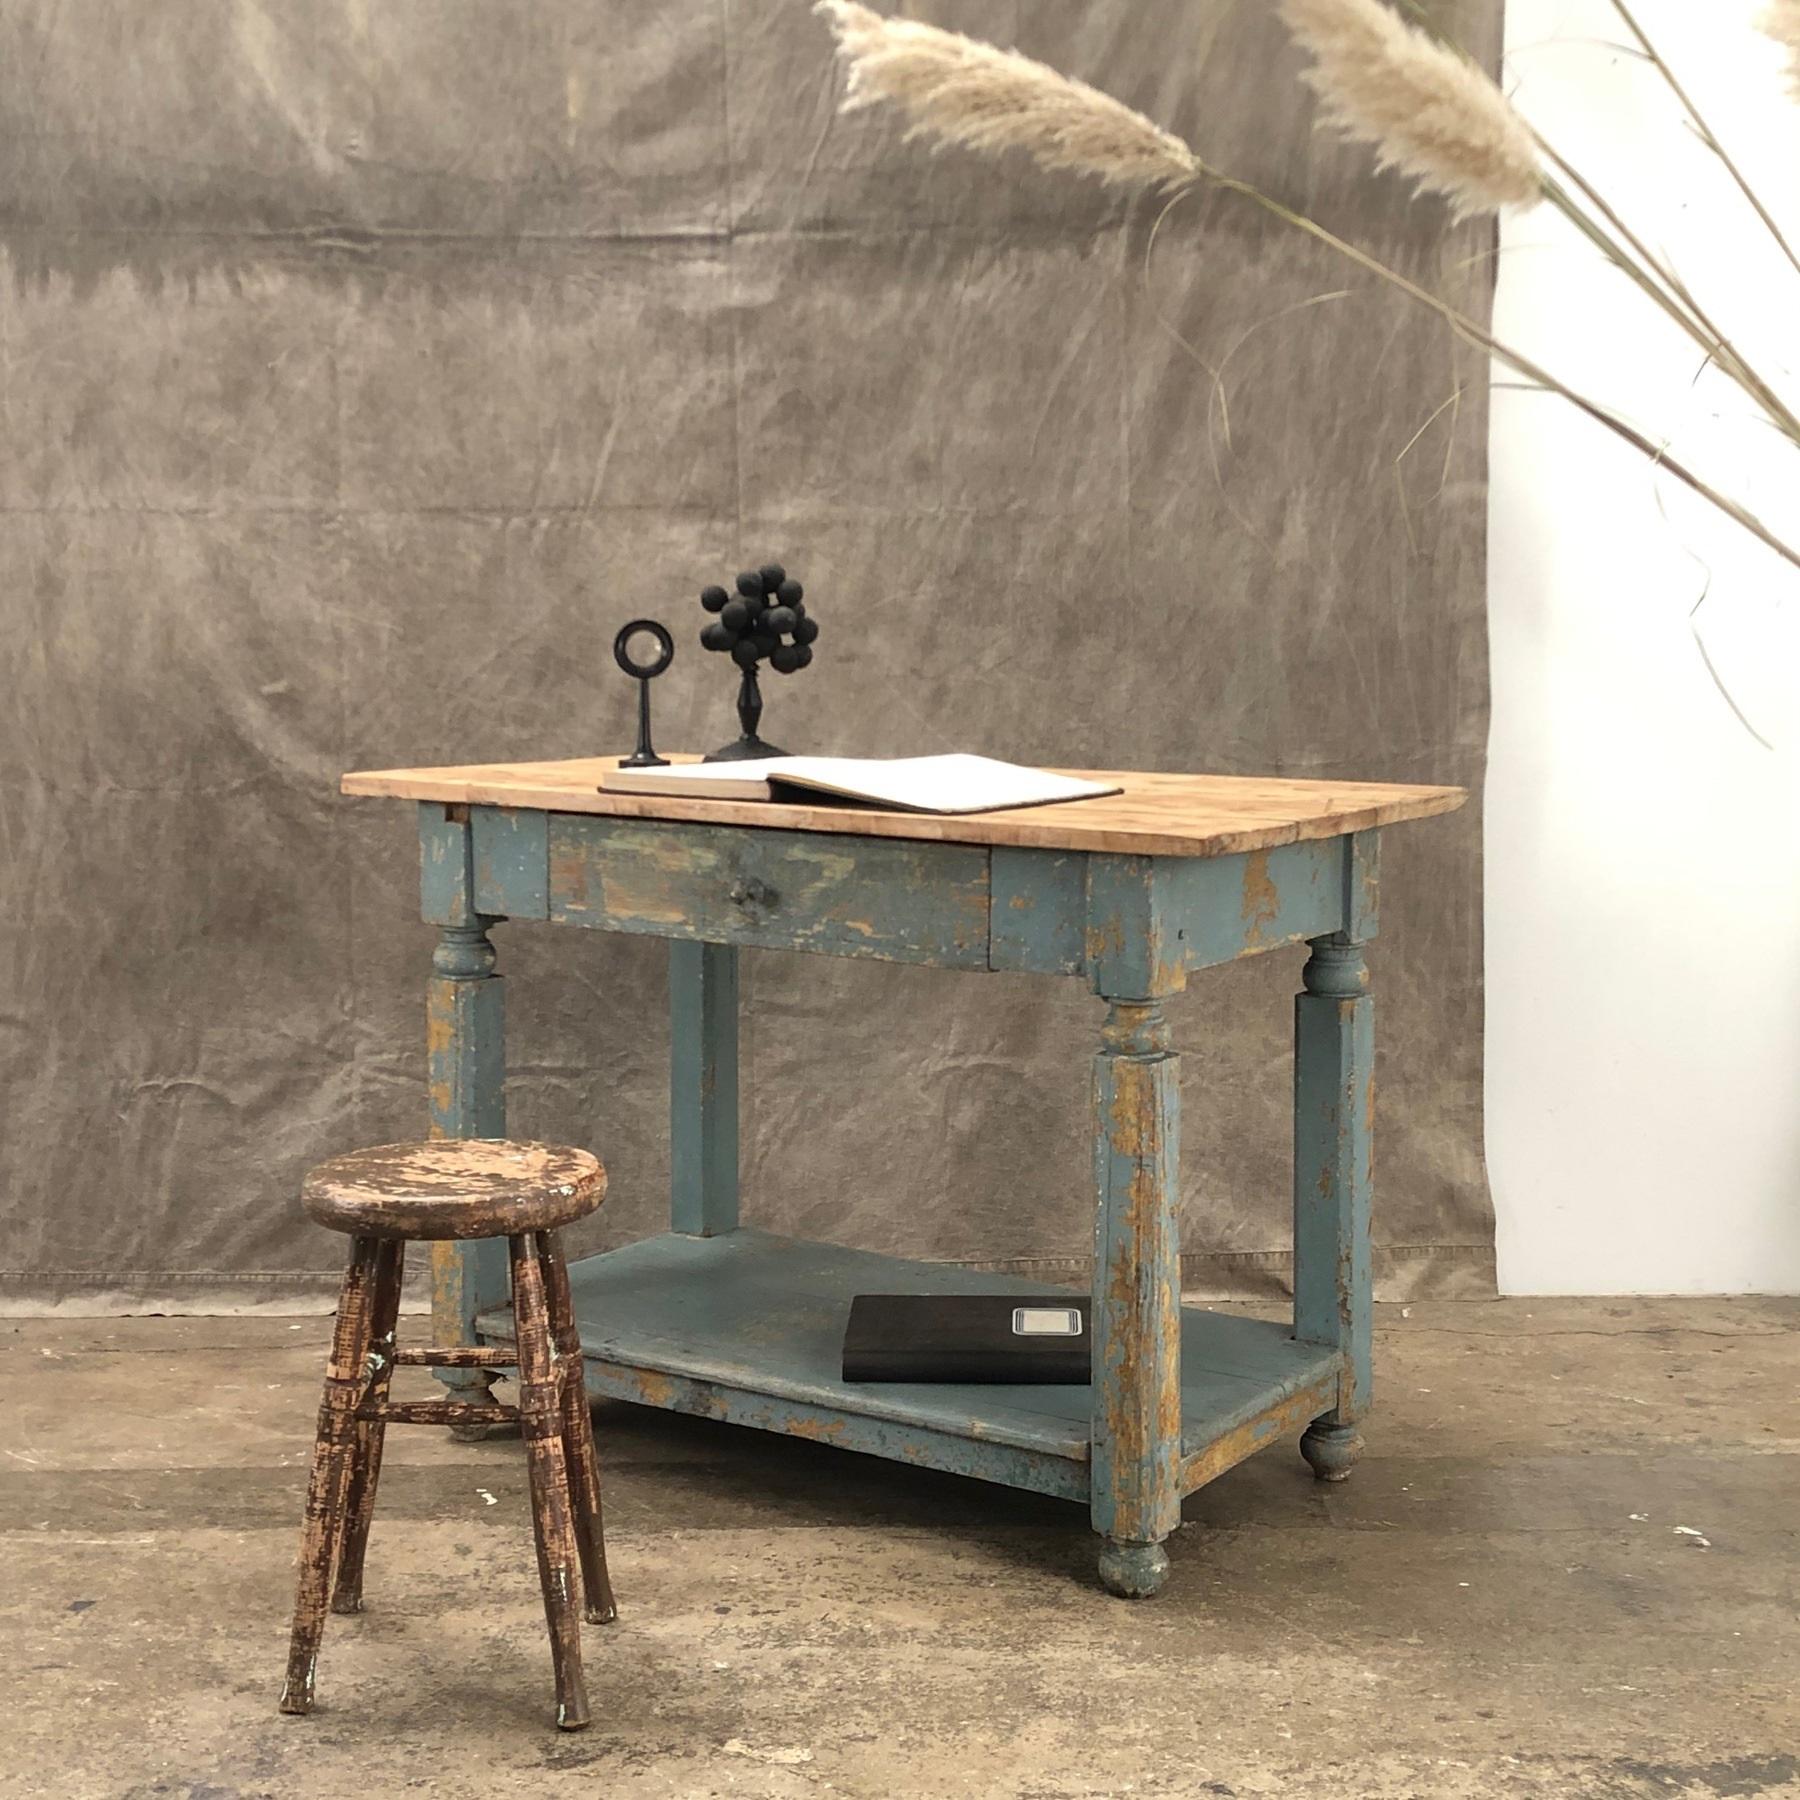 Il n'est pas nécessaire de poncer si la surface du bureau est déjà décoloréе.